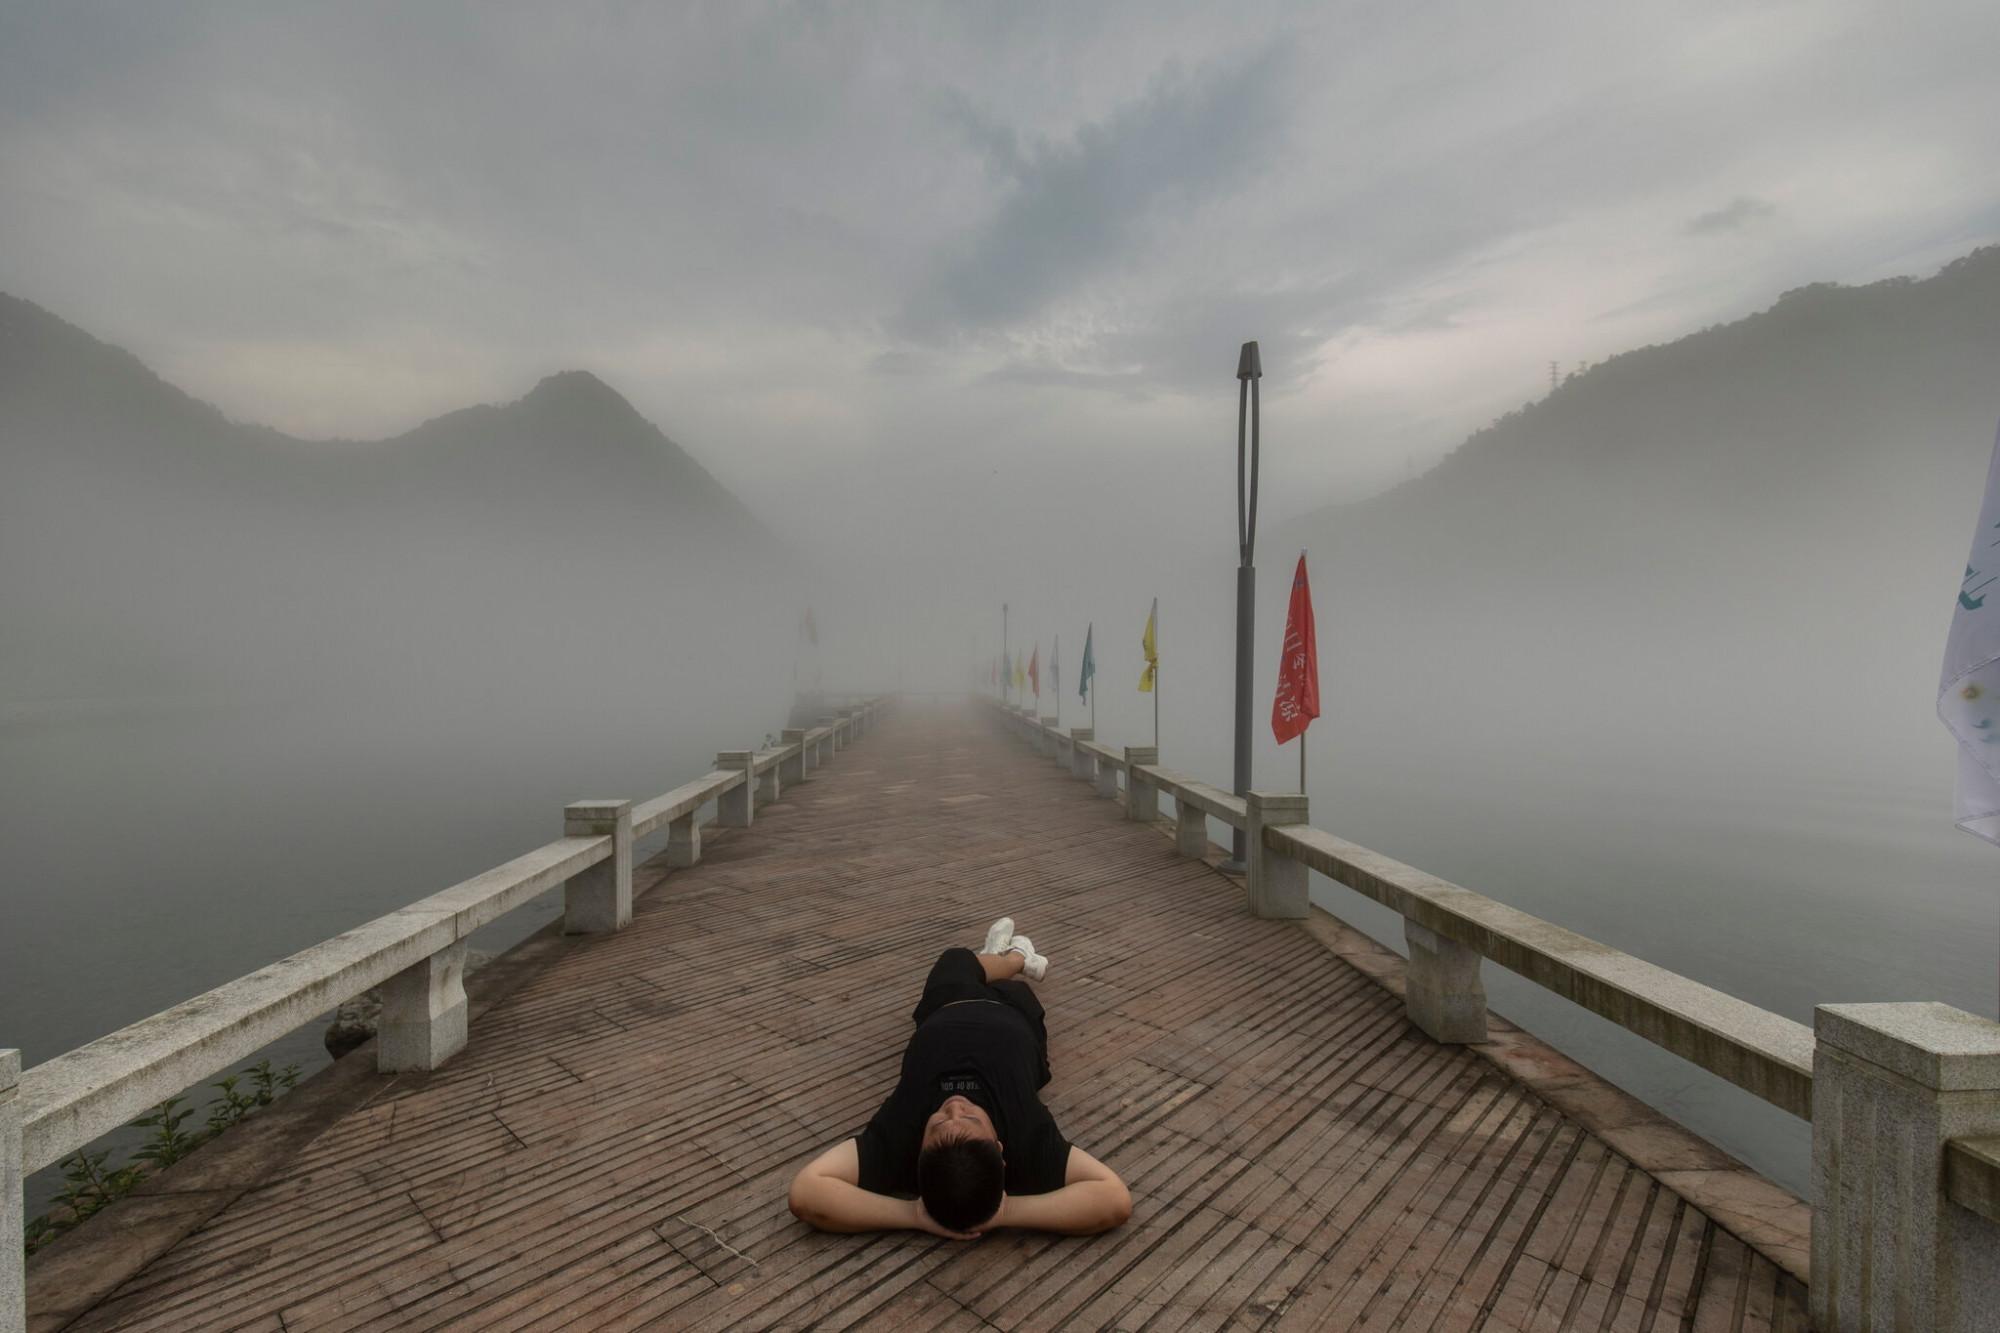 Giới trẻ Trung Quốc đang theo đuổi lối sống chậm và giản đơn thay vì phải cố gắng hết sức cho những nhu cầu nặng về vật chất - Ảnh: Qilai Shen/NYT